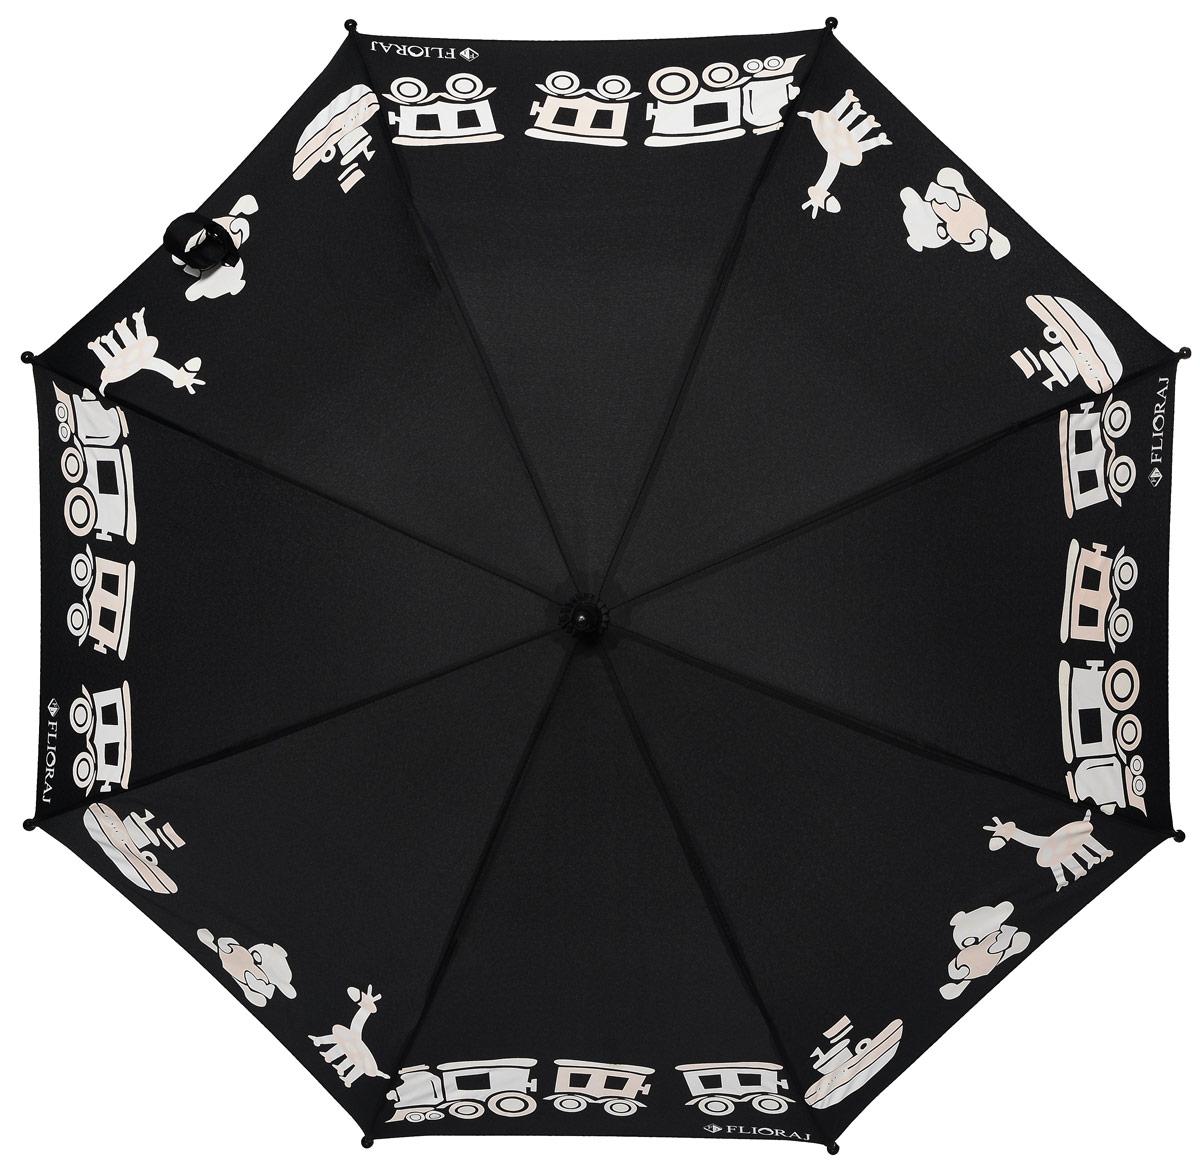 Зонт детский Flioraj, механика, трость, цвет: черный, белый. 051209П250071001-22Механический, прочный детский зонт - надежная защита в непогоду. Яркие цвета поднимут настроение, а интересный эффект - проявление красок на рисунке - будет удивлять и радовать каждый раз! Предназначен для детей младшего и среднего школьного возраста. Для удобства предусмотрена безопасная технология открывания и закрывания зонта. Спицы зонта изготовлены из долговечного, но при этом легкого фибергласса, что делает его ветроустойчивым и прочным.